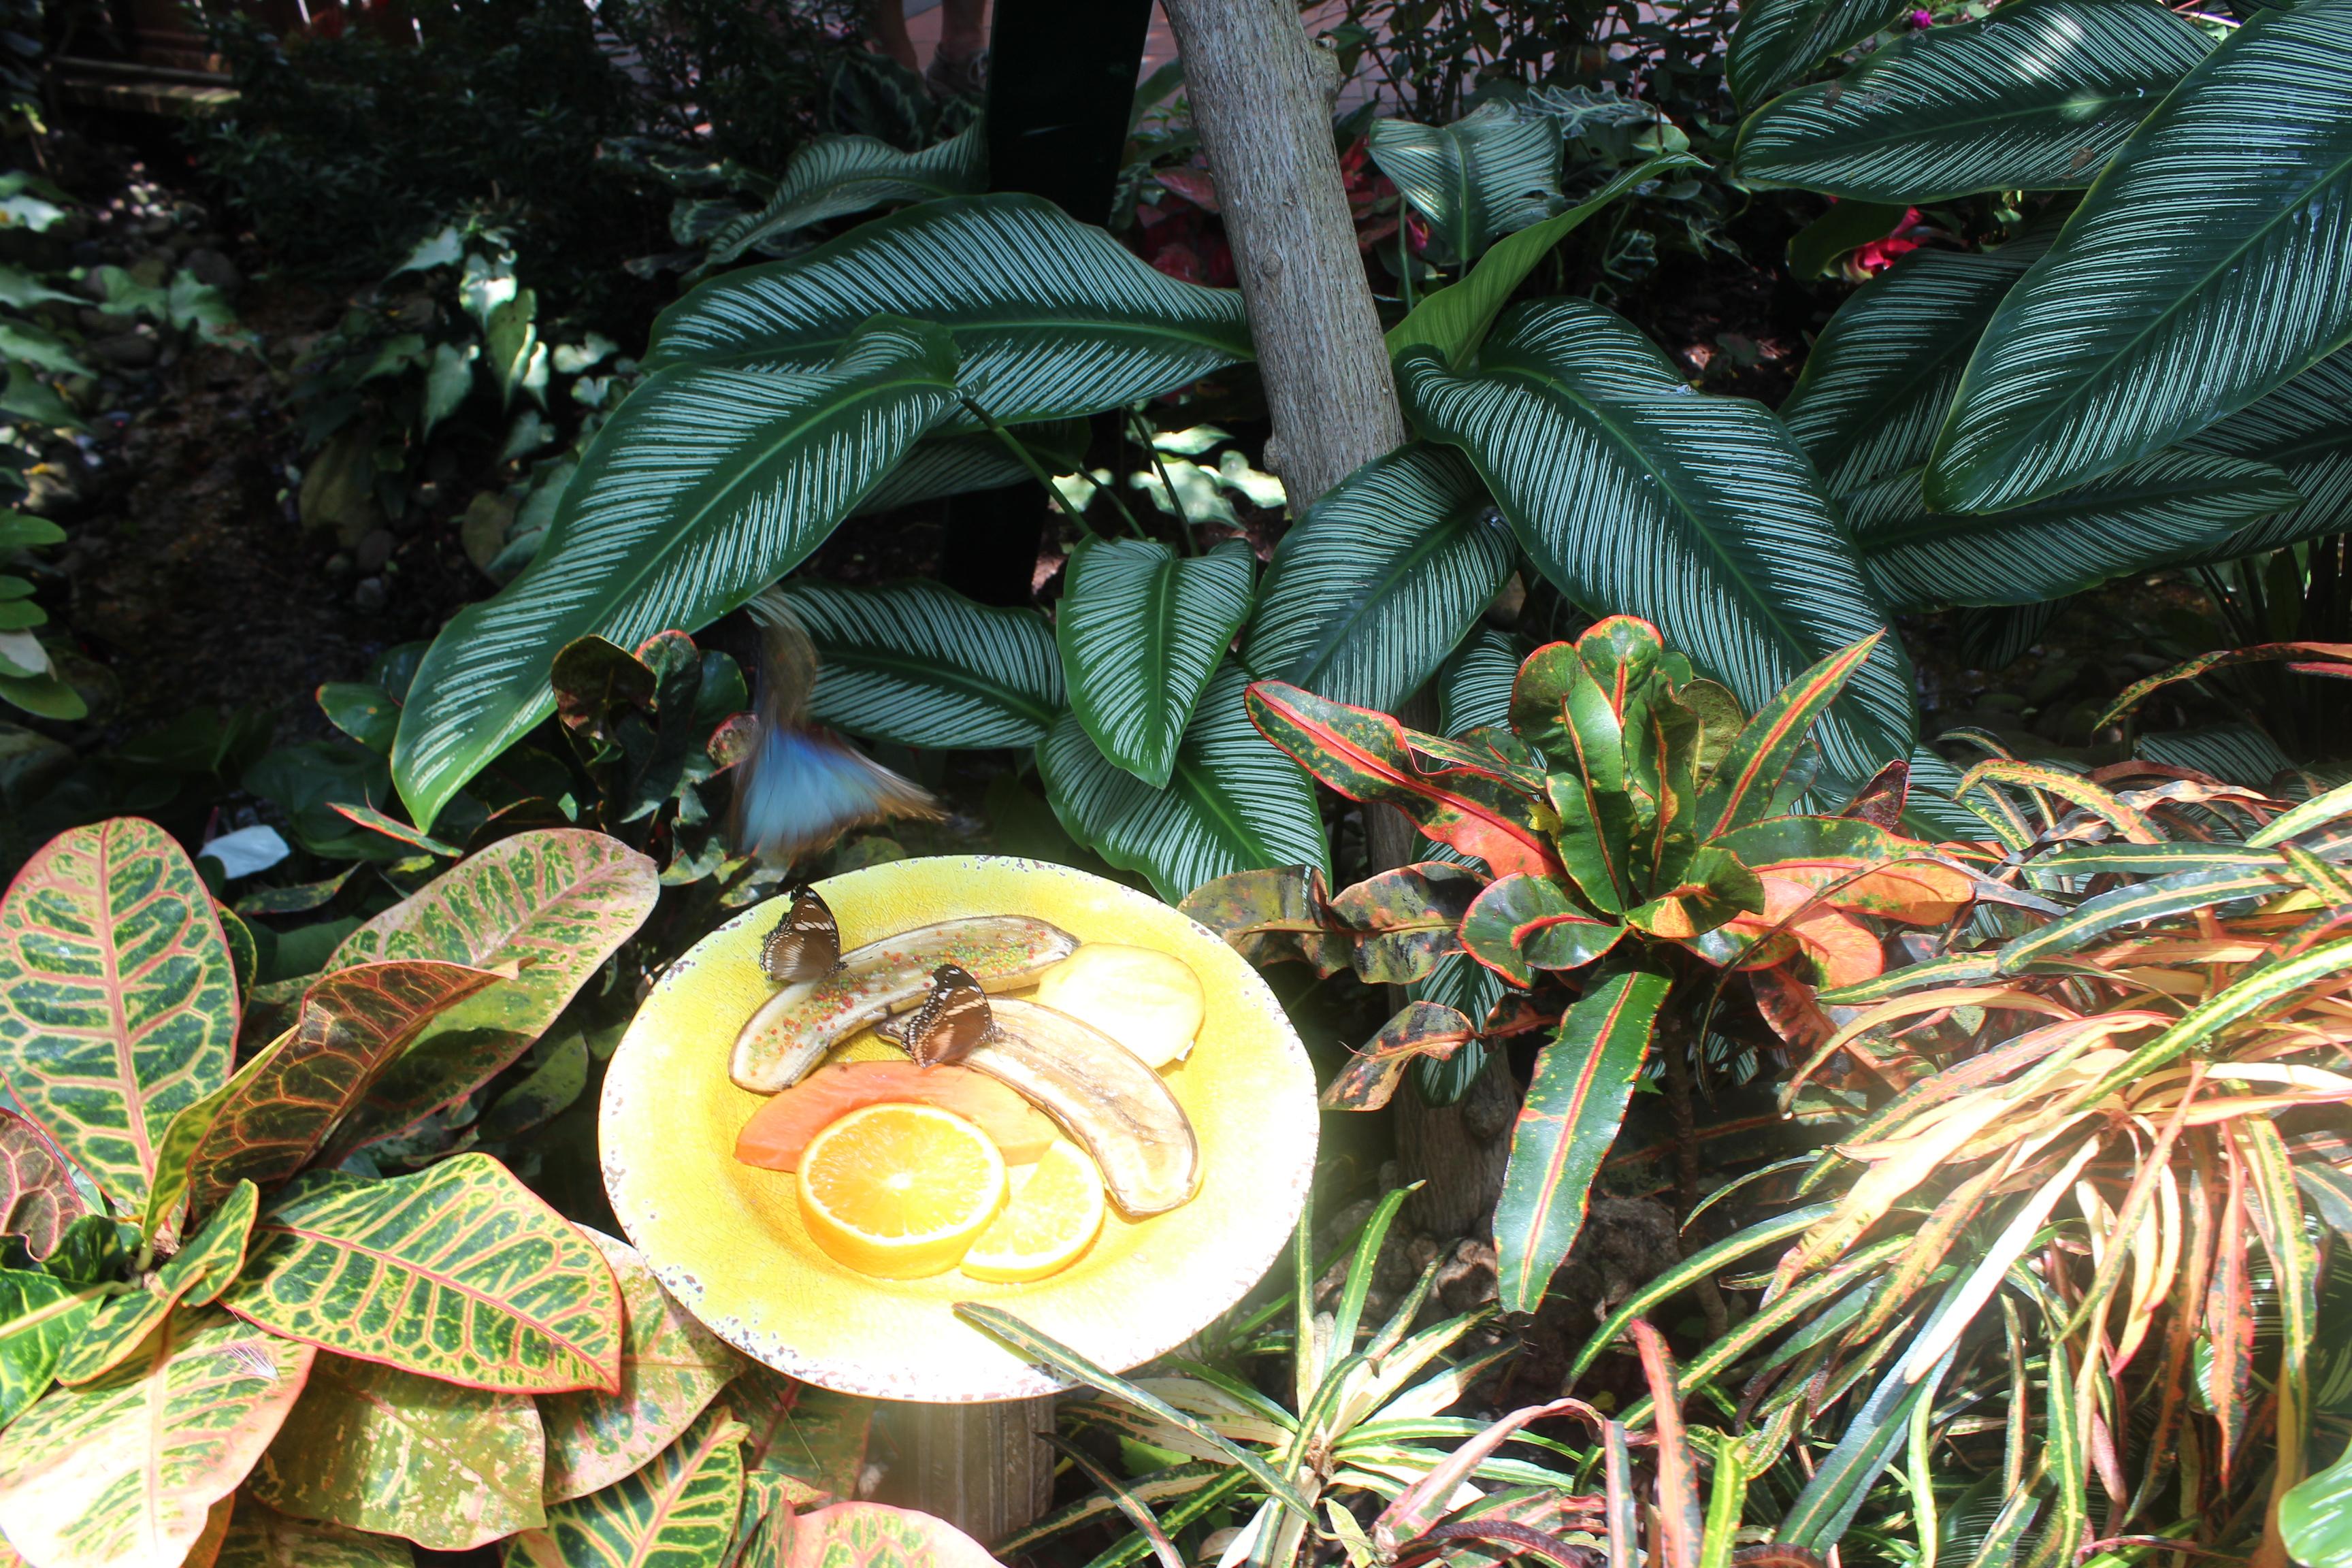 kw-butterfly-feeding-plate-3